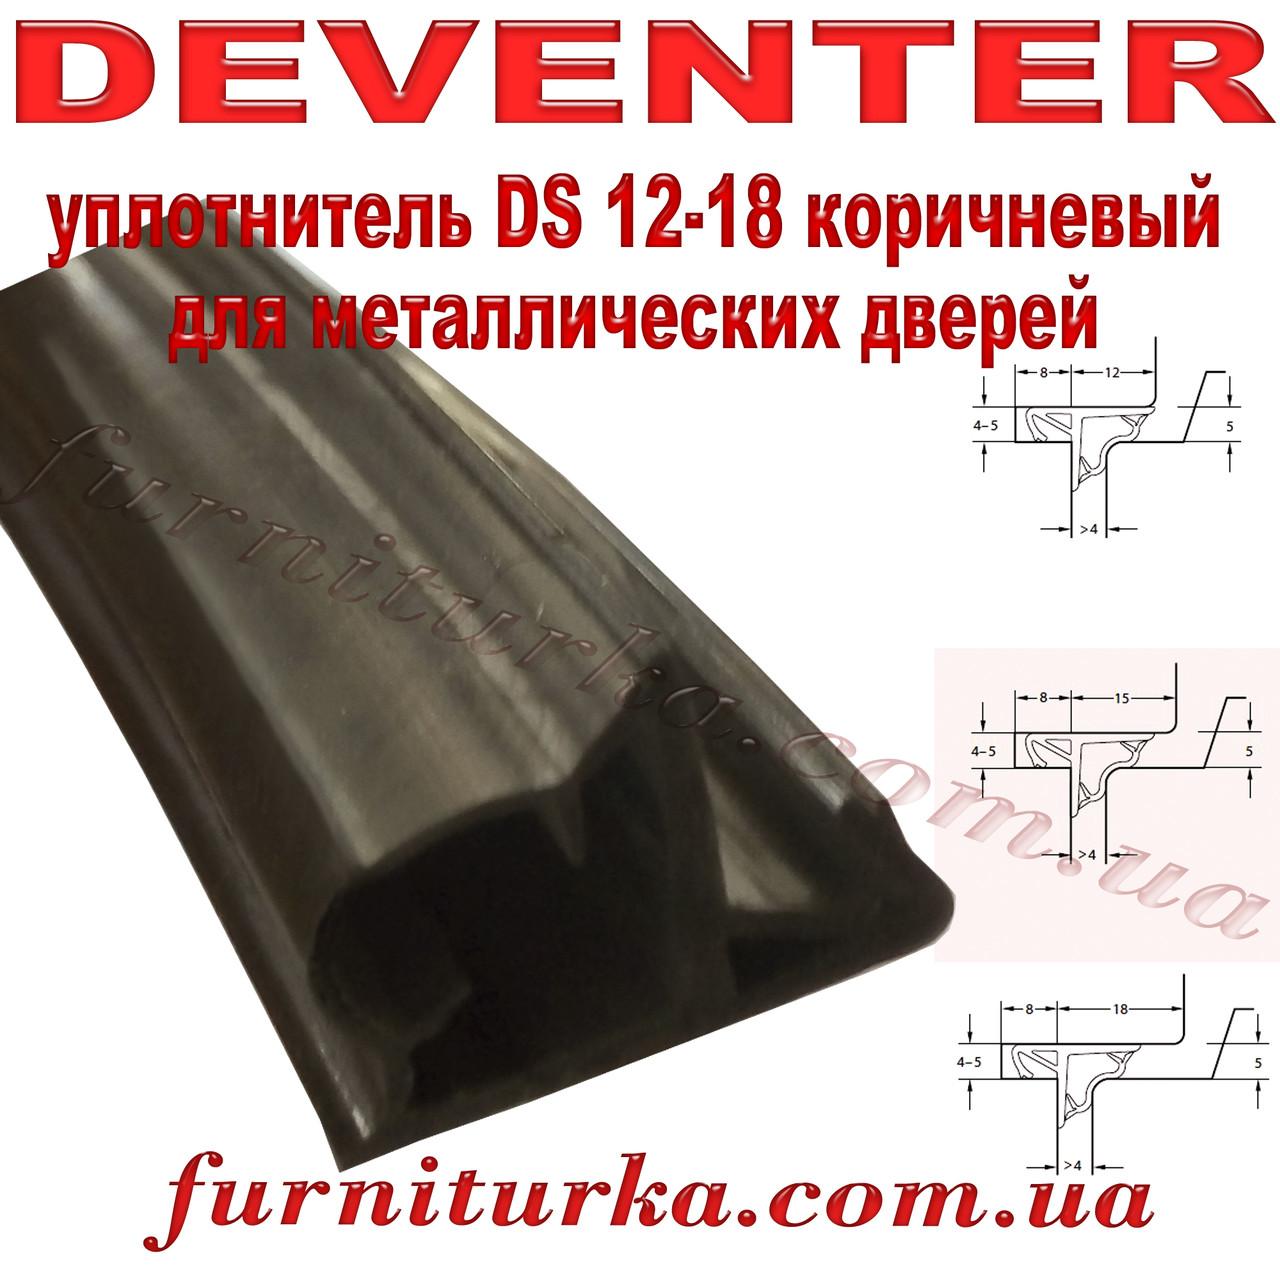 Уплотнитель дверной Deventer DS 12-18 коричневый